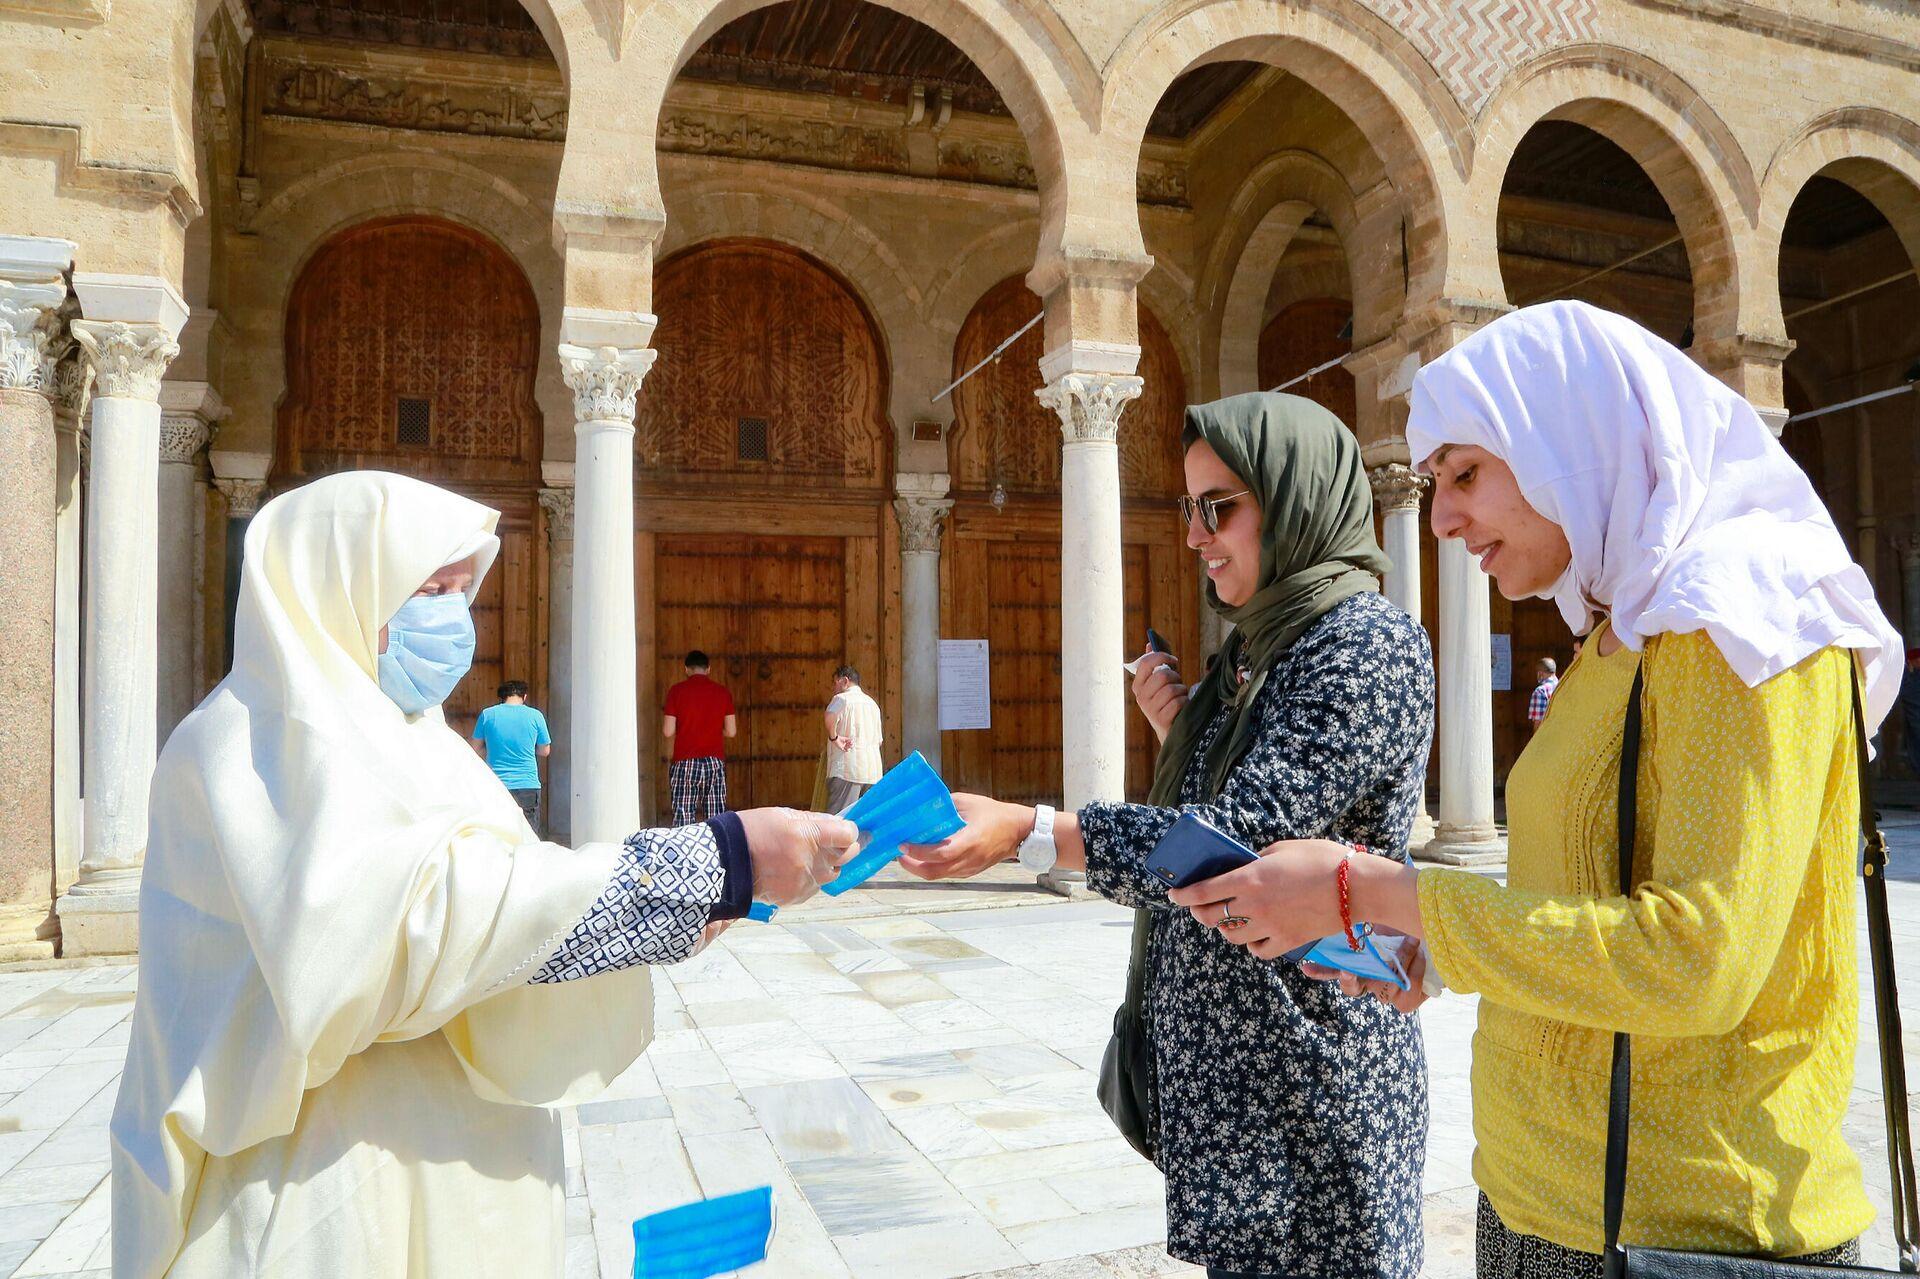 Женщина раздает защитные маски возле мечети аз-Зайтуна в Тунисе - РИА Новости, 1920, 25.11.2020